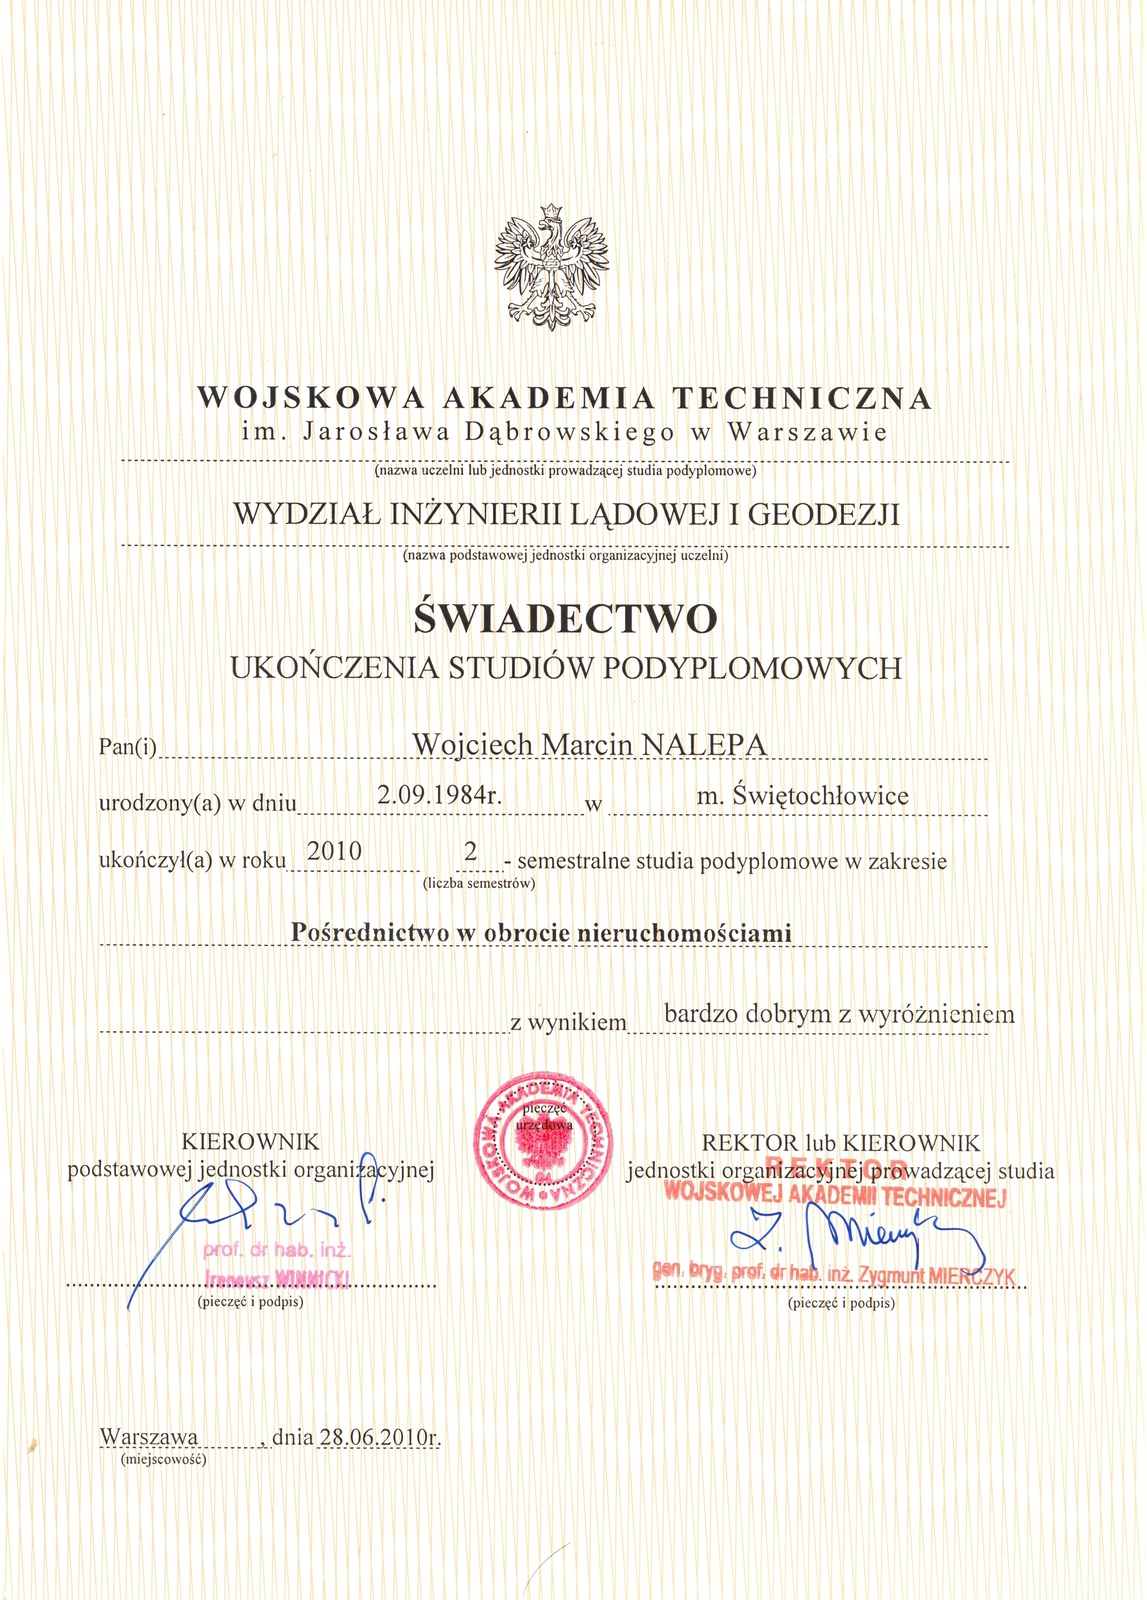 świadectwo ukończenia studiów podyplomowych w zakresie pośrednictwa w obrocie nieruchomosciami. Wojskowa Akademia Techniczna, Warszawa